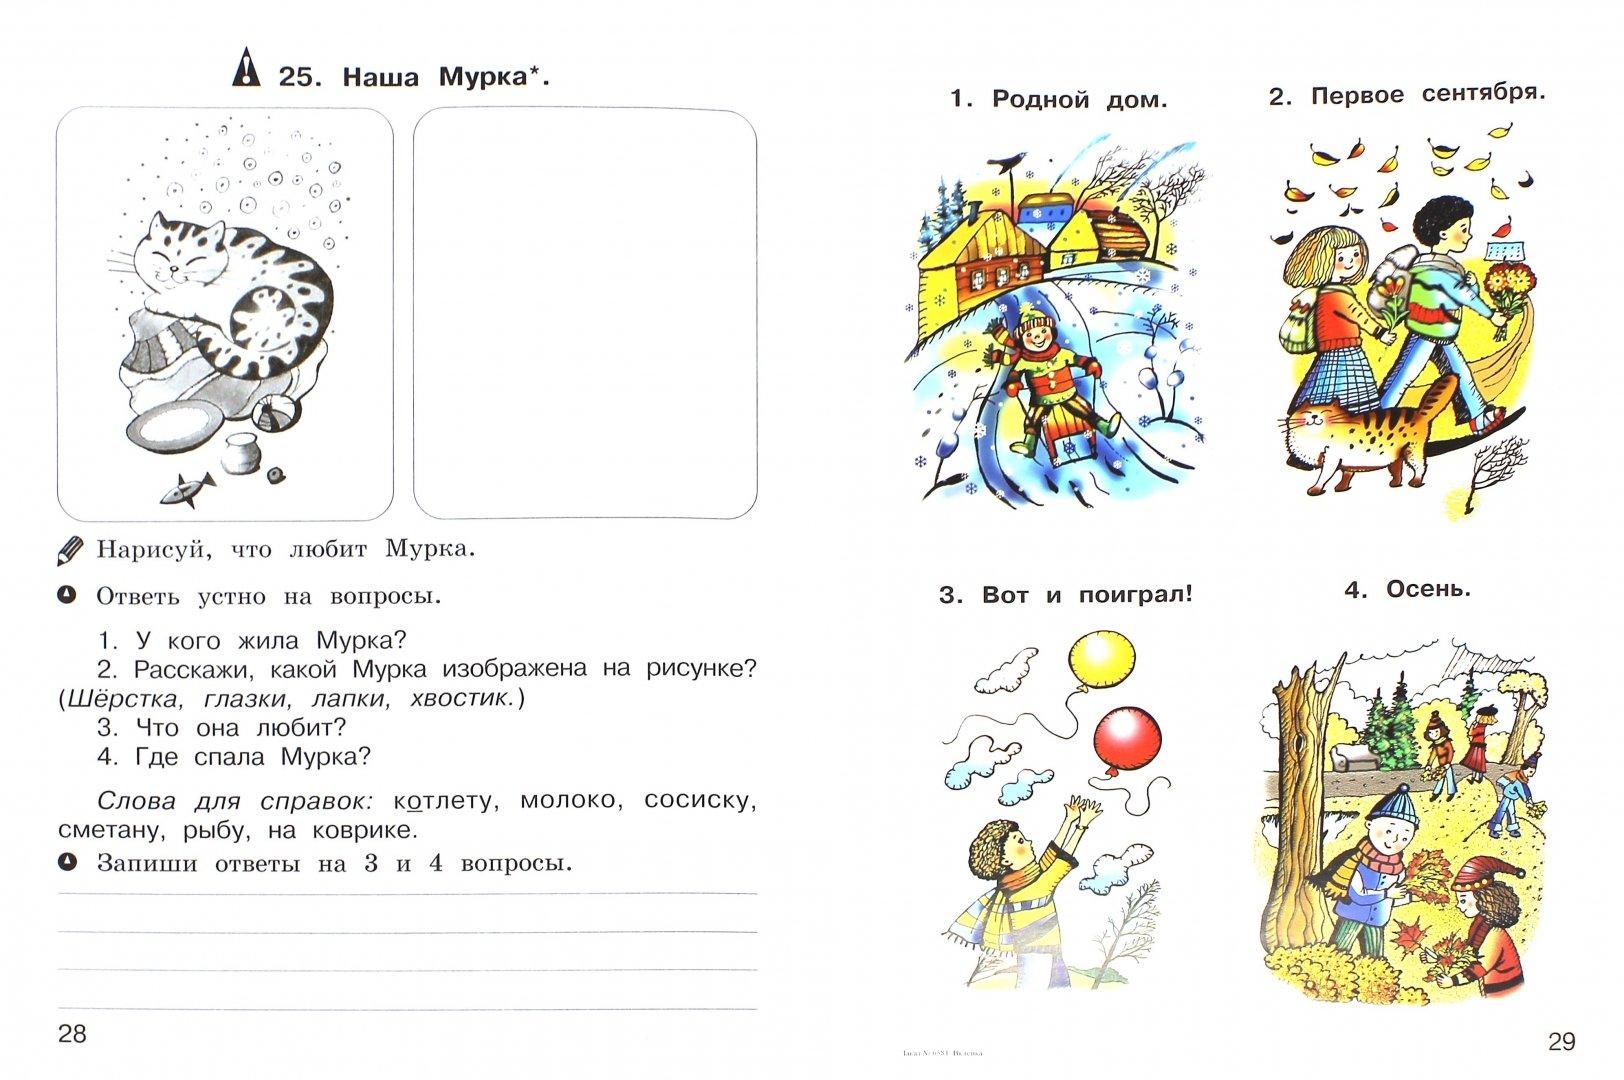 Иллюстрация 1 из 25 для Пишем сочинение по картинкам. Рабочая тетрадь для детей 6-7 лет. ФГОС - М.Н. Корепанова | Лабиринт - книги. Источник: Лабиринт